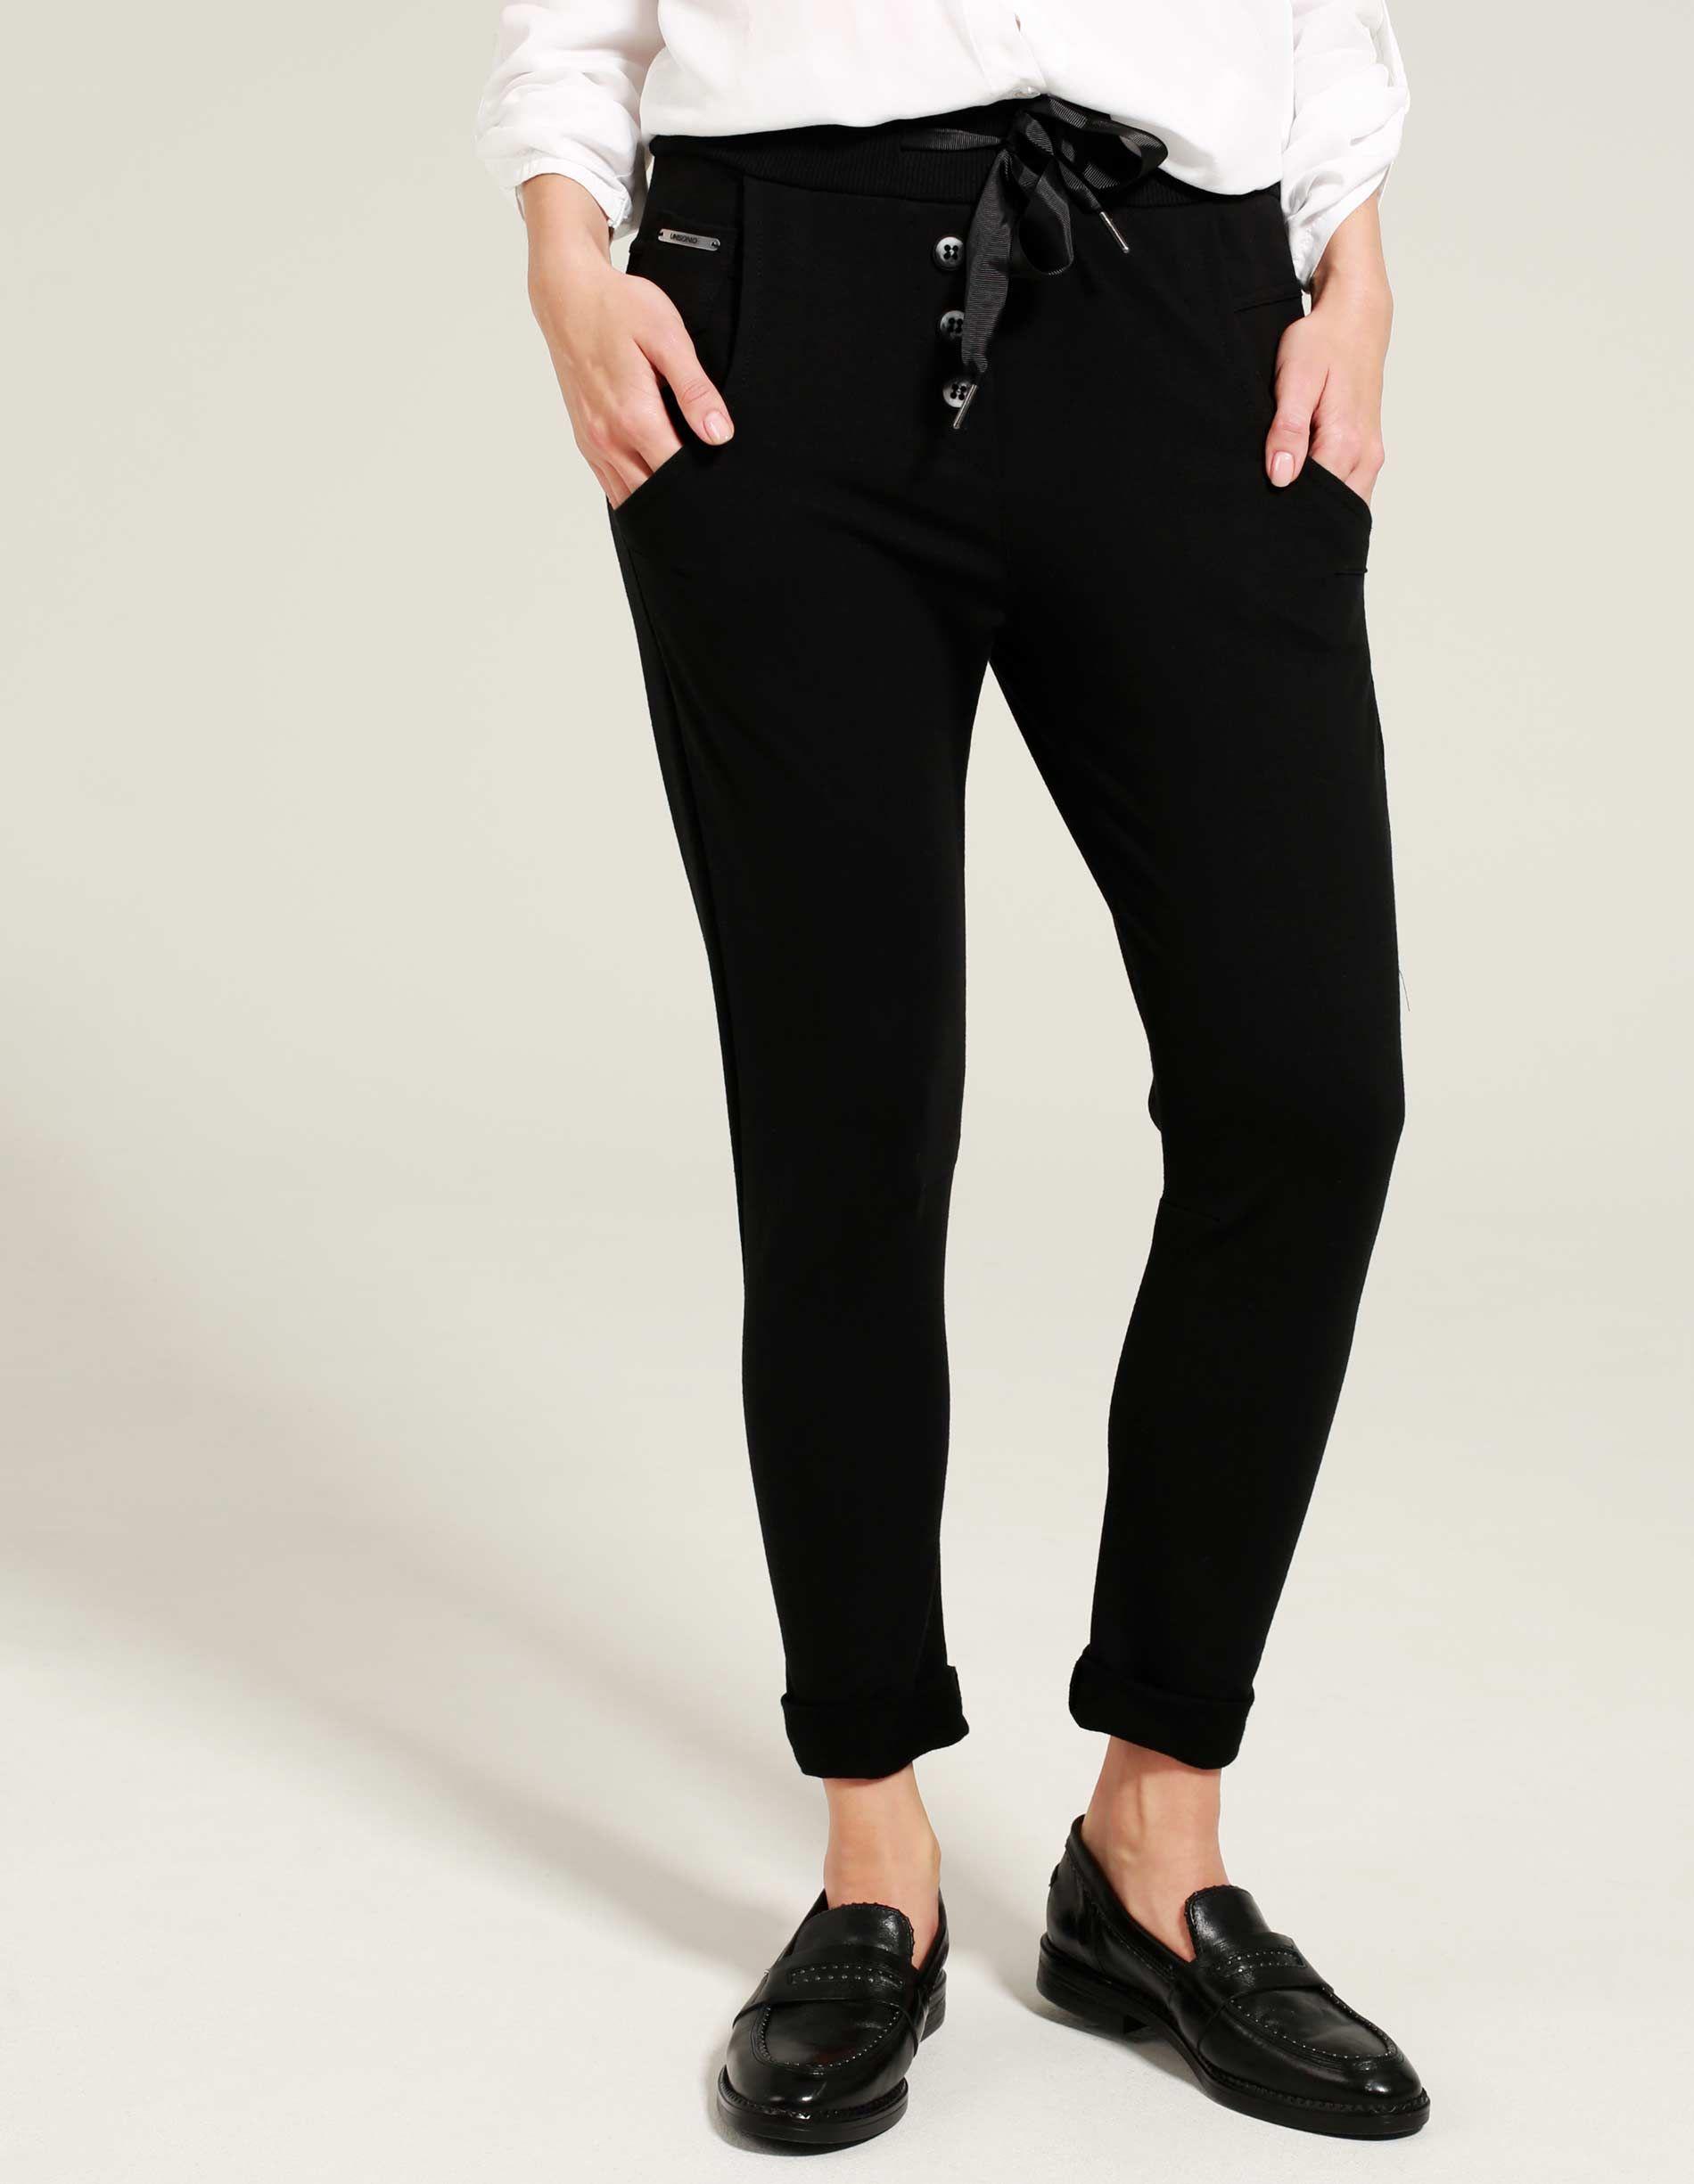 Spodnie Z Niskim Krokiem Damskie Dzinsy Rurki Damskie Spodnie Jeansowe Damskie Z Dziurami Spodnie Cygaretki Damskie Reserved Black Jeans Pantsuit Jeans